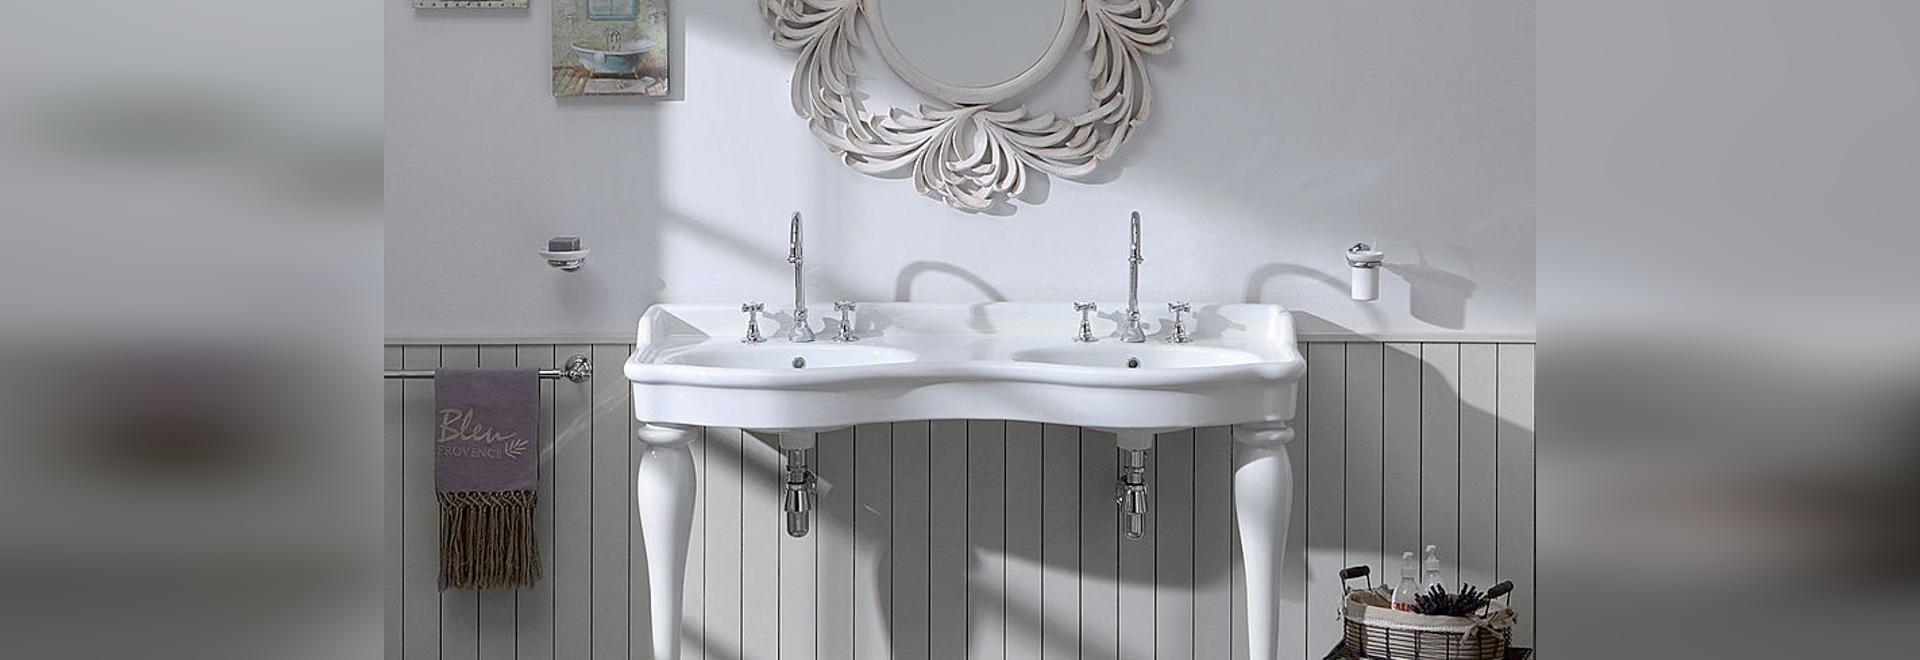 nouveau lavabo double par le spécialiste de la salle de bain rétro ... - Lavabo Retro Salle De Bain